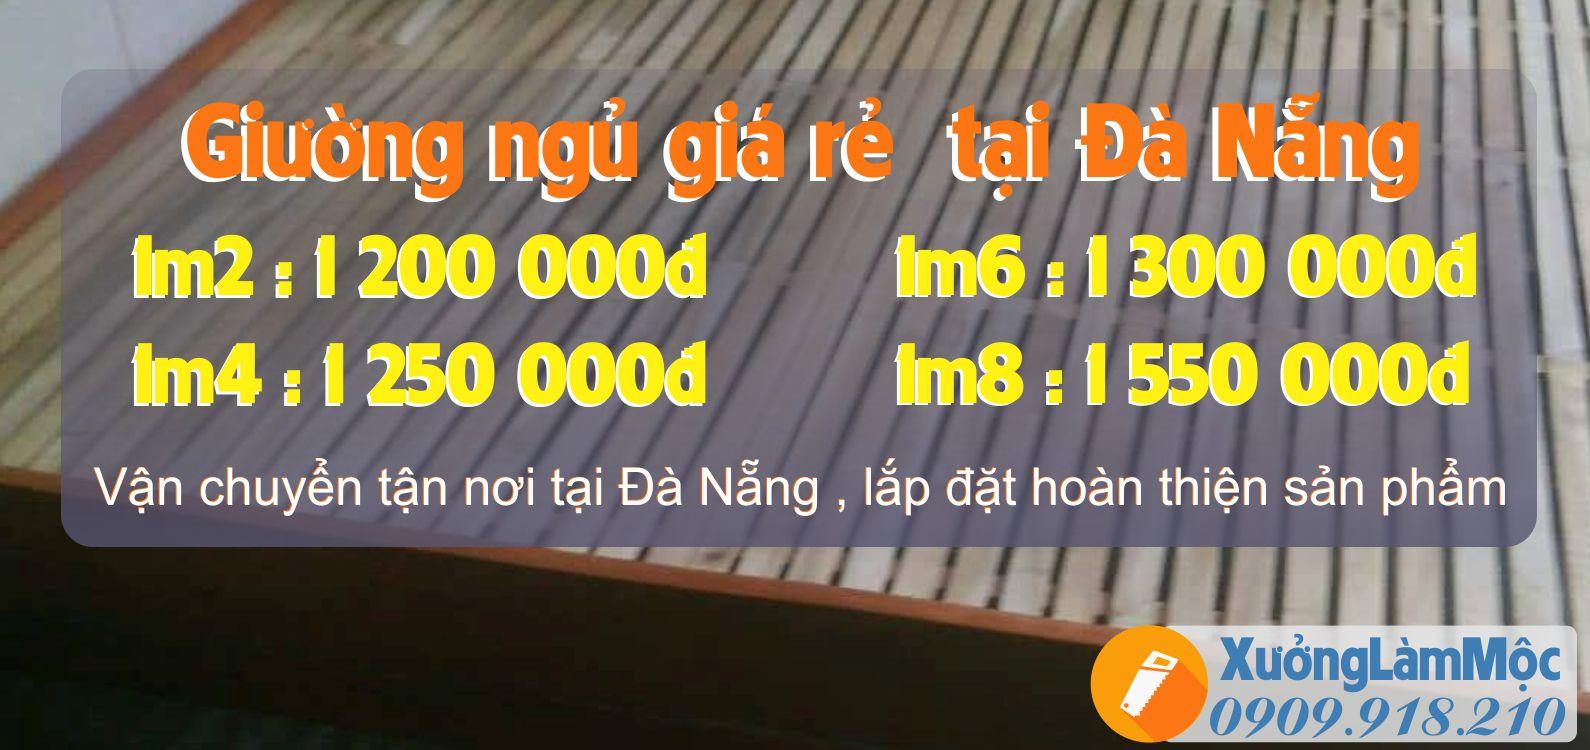 Bảng giá giường ngủ cho công nhân tại Đà Nẵng